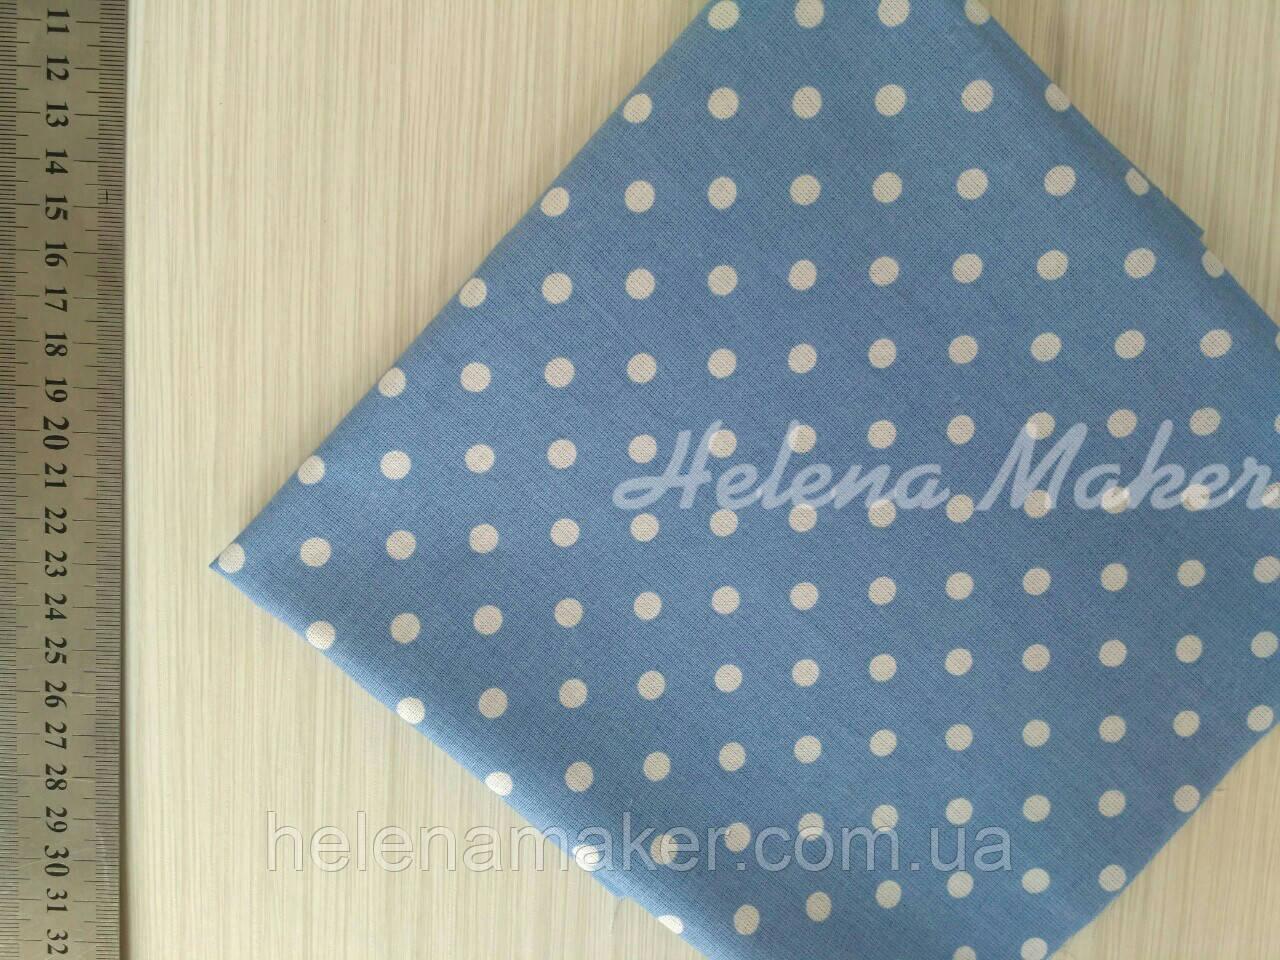 Польская бязь темно-голубая в горошек 7 мм 50*50 см